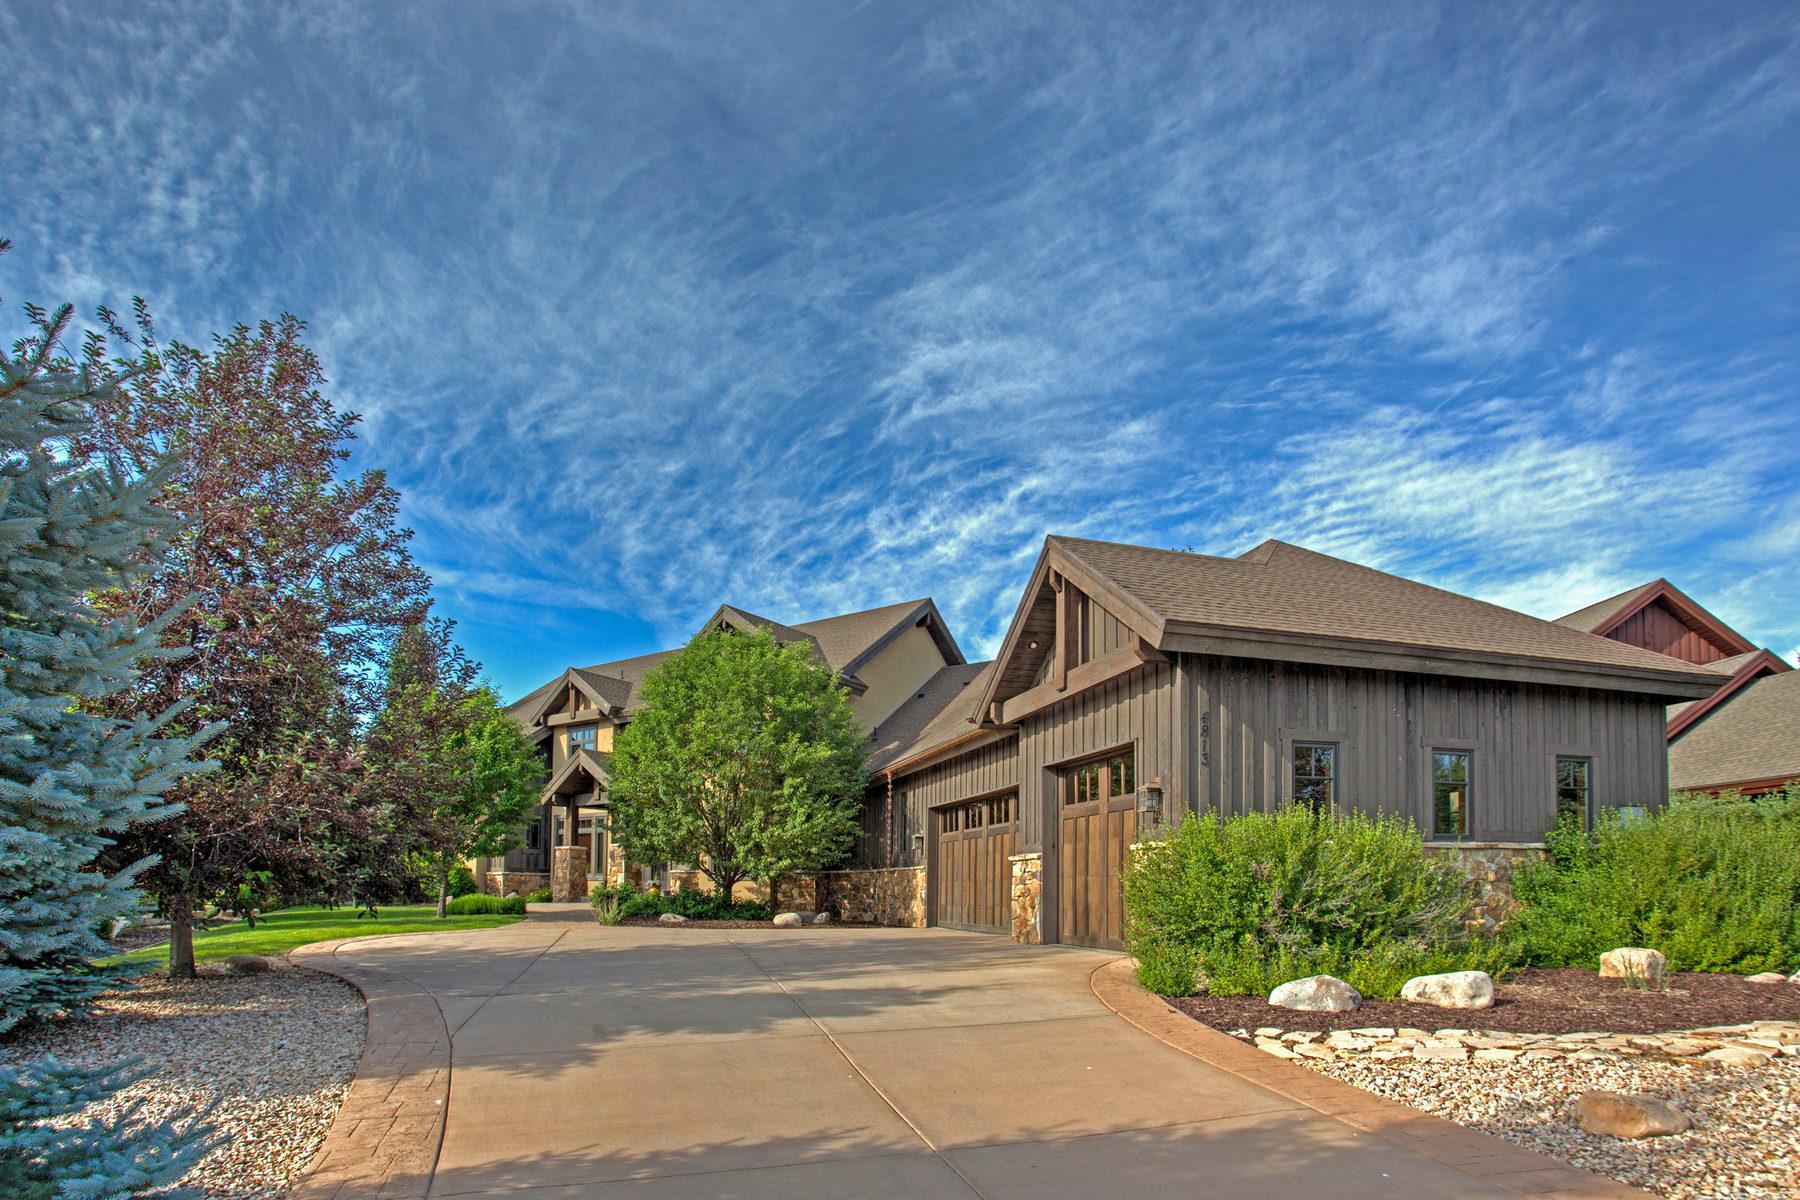 独户住宅 为 销售 在 Beautifully Appointed Willow Creek Estates Home with Amazing Views 4813 Last Stand Dr 帕克城, 犹他州 84098 美国